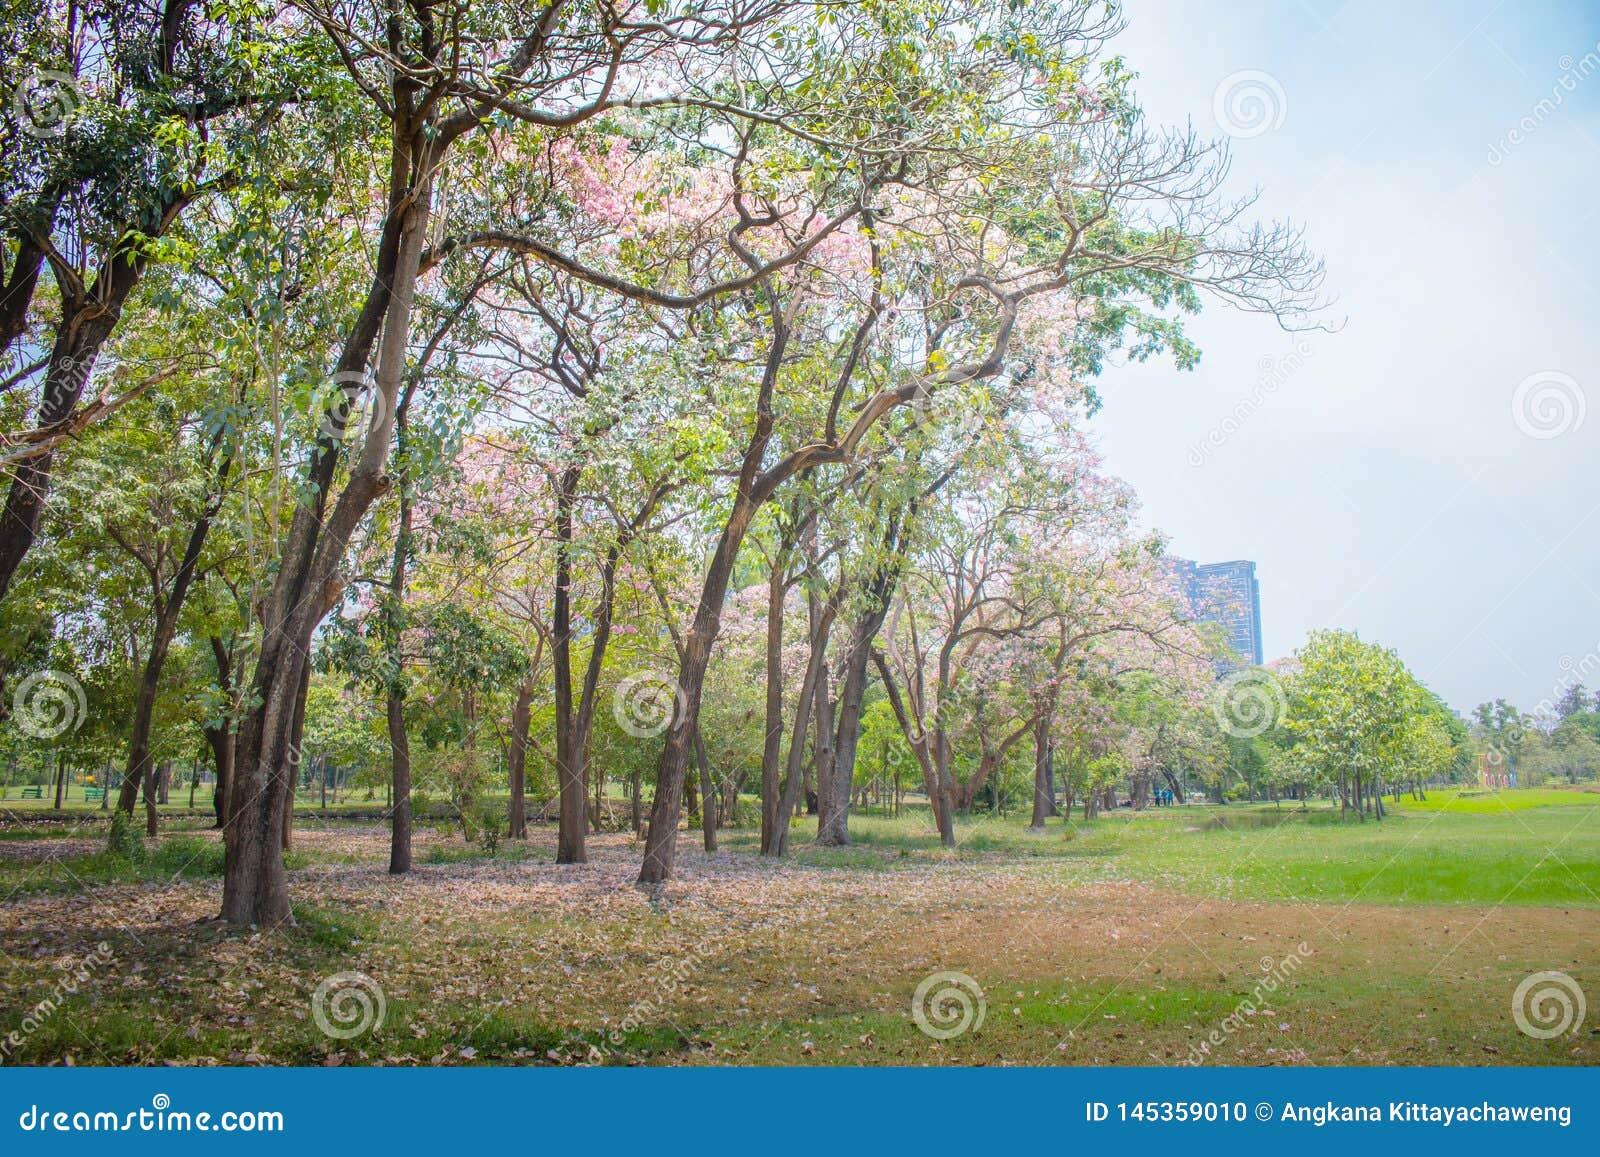 Ο όμορφοι πράσινοι χορτοτάπητας και τα δέντρα με το μπλε ουρανό σταθμεύουν δημόσια